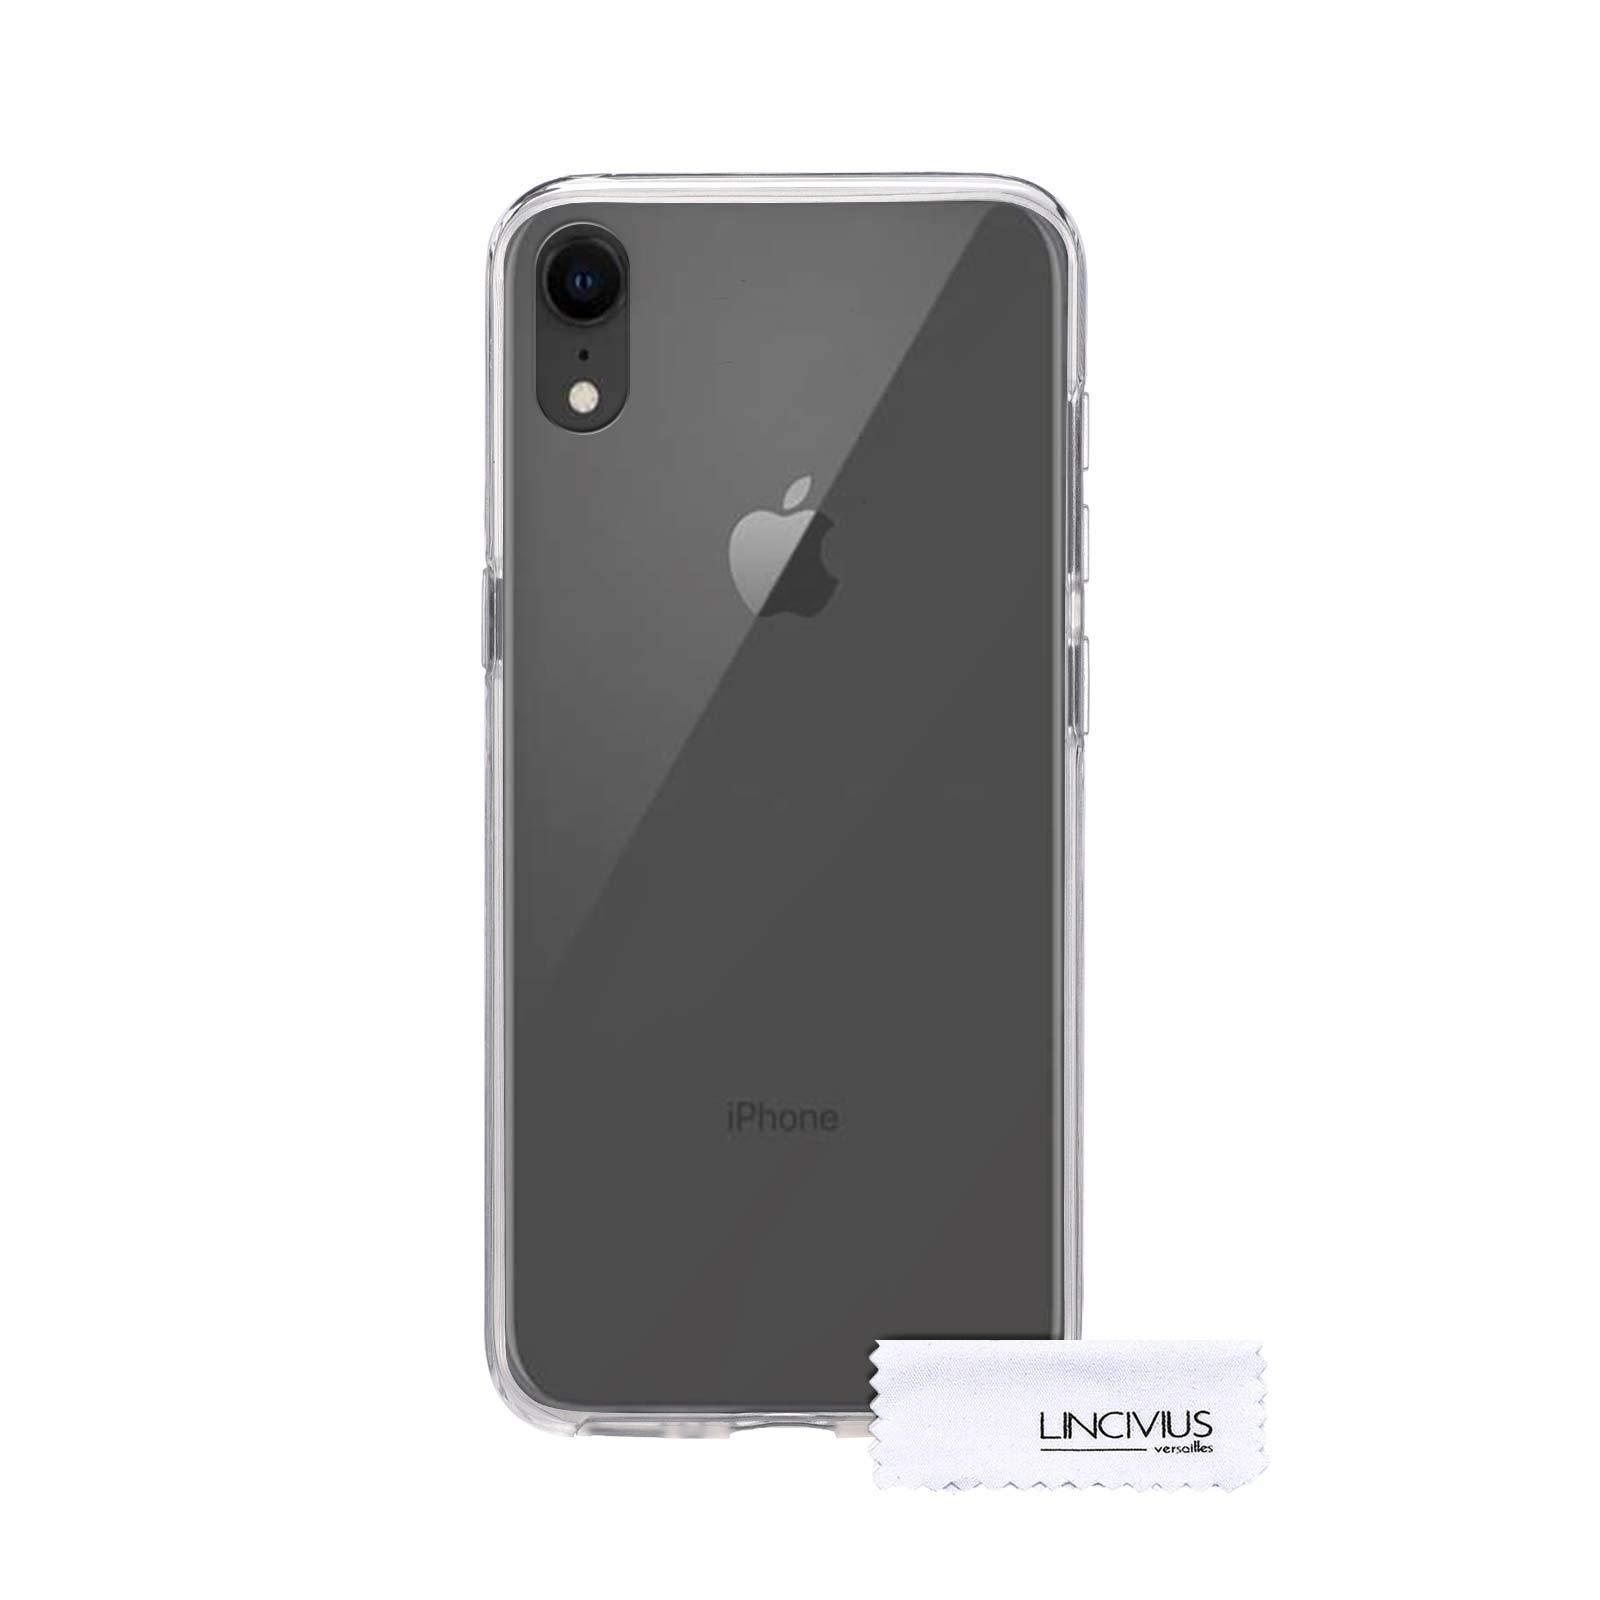 Coque Apple iPhone XR Integrale, Coque TRANSPARENTE Apple iPhone XR Integrale Protection 2 en 1 BUMPER Transparent Silicone Avant Et Arrière Contour Bumper Rigide - [30 Jours Satisfait Ou Remboursé]